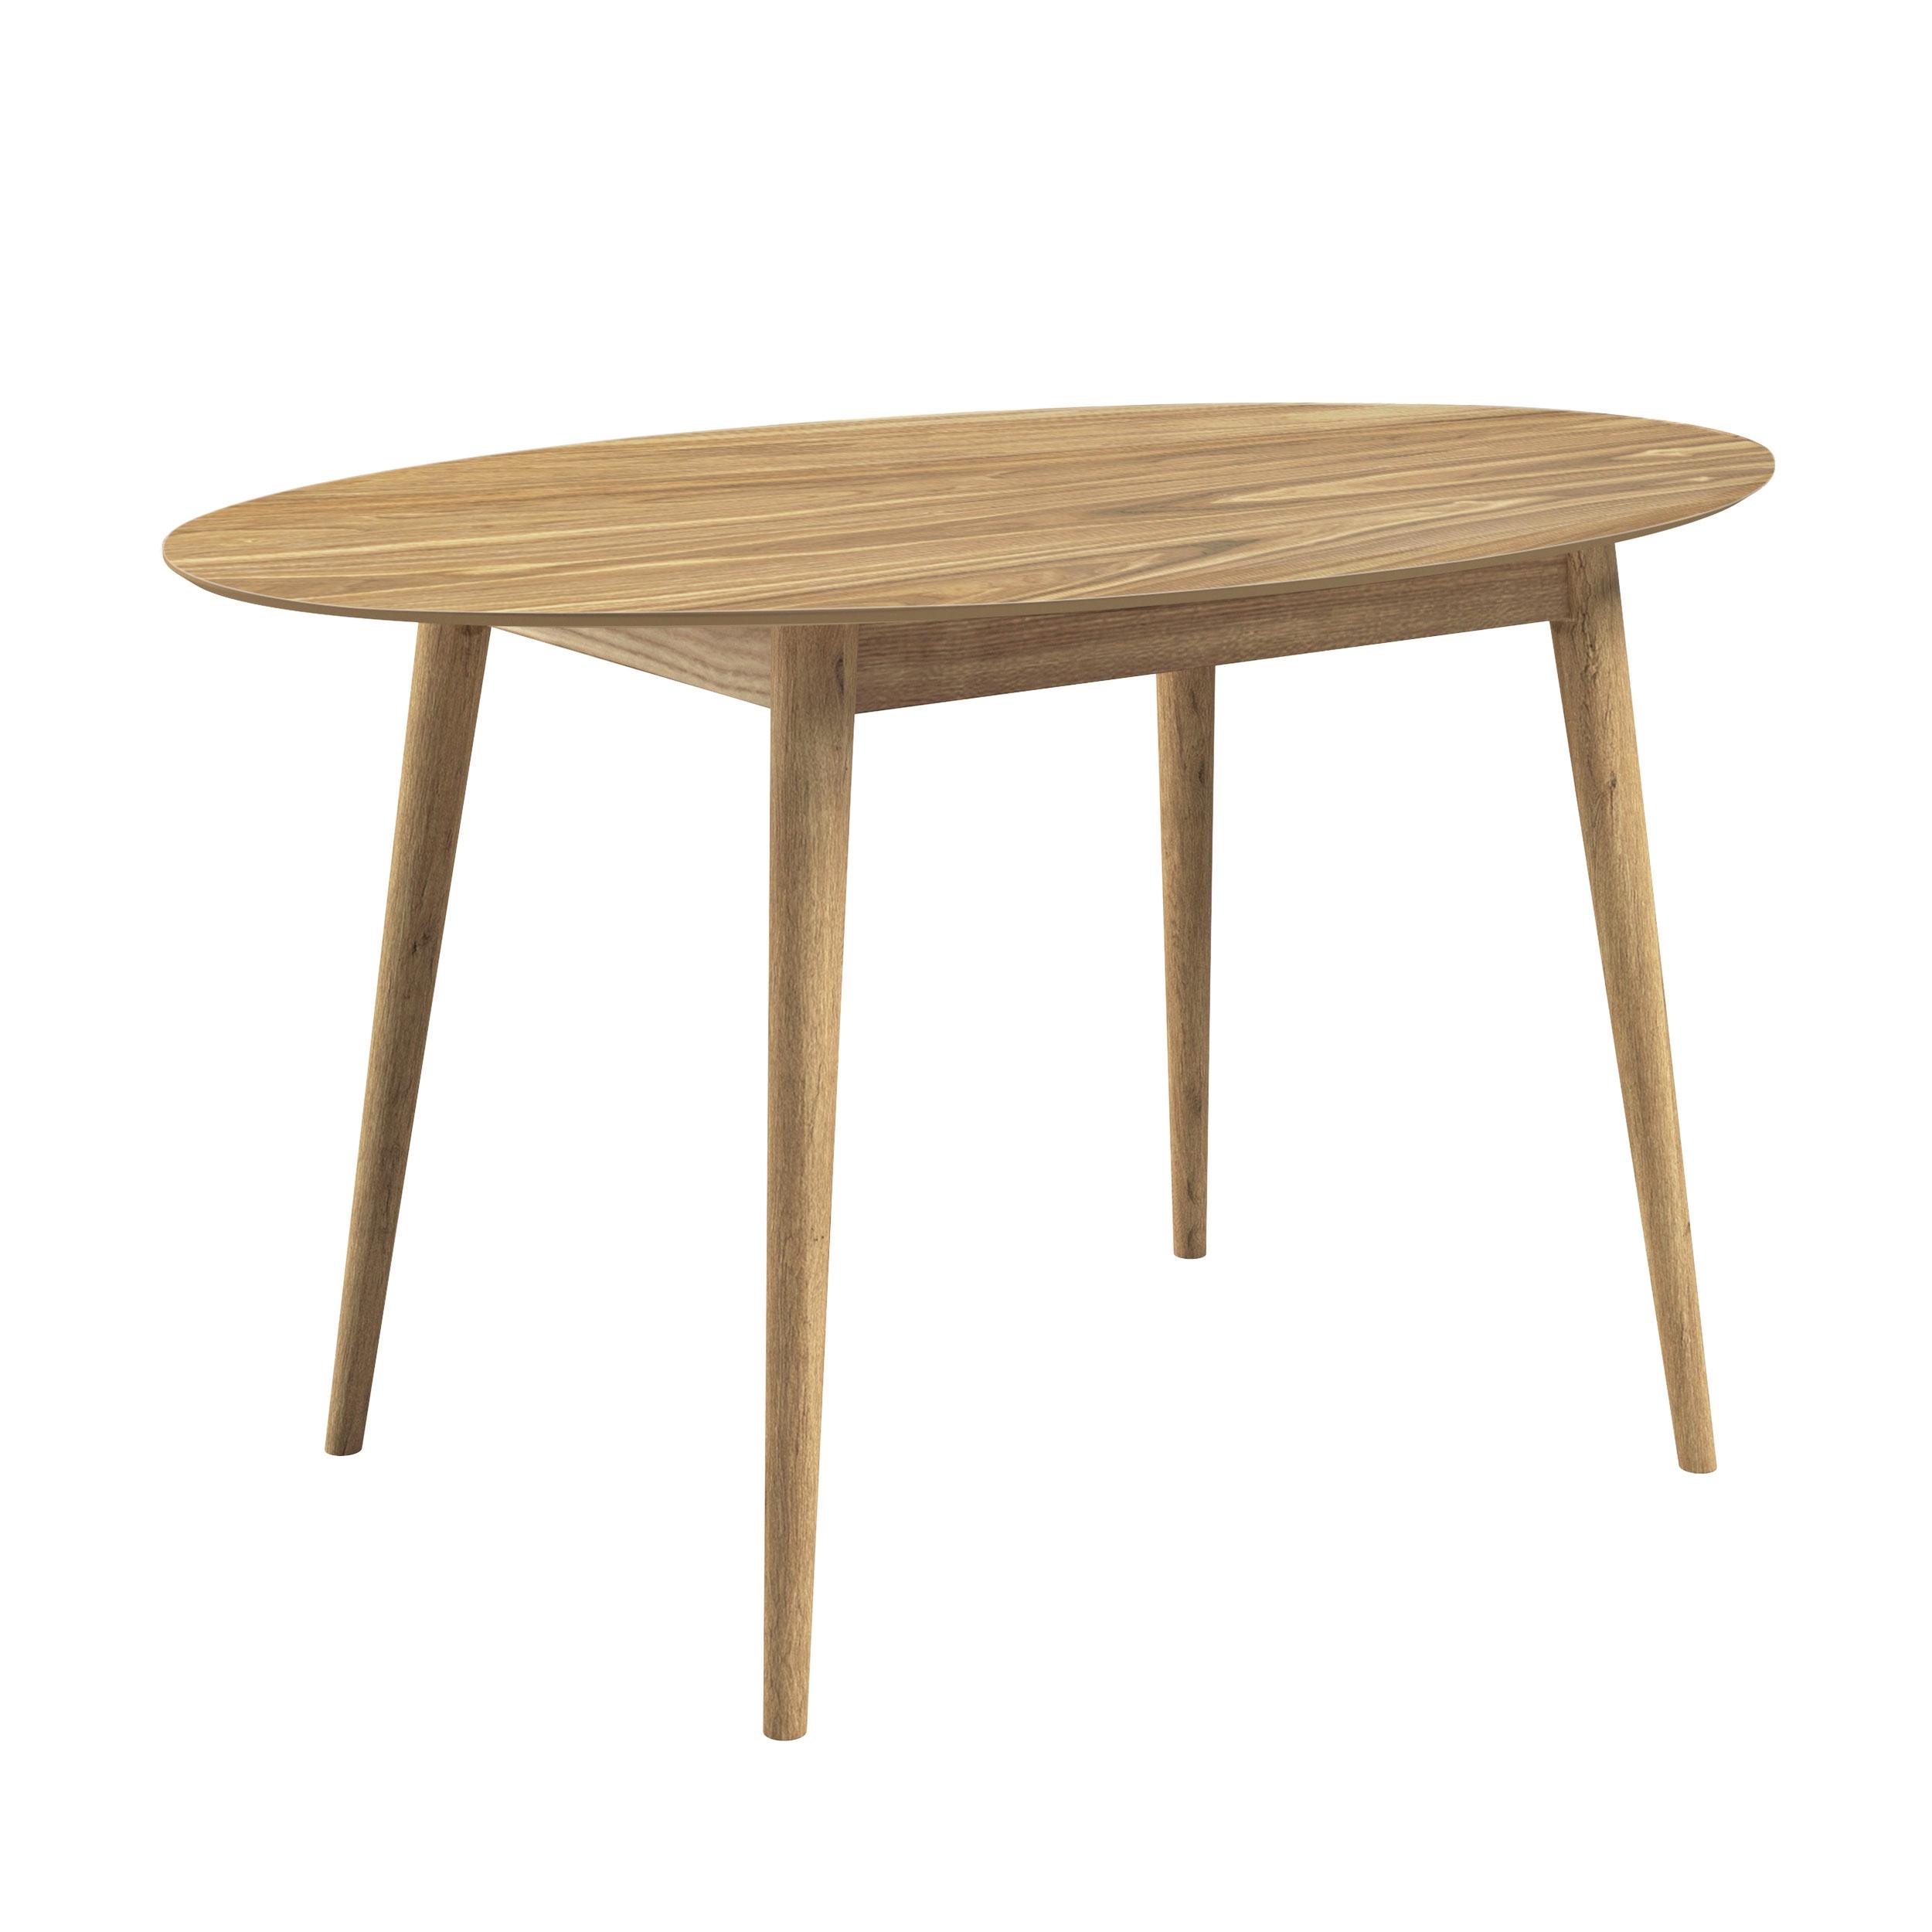 Table ovale en bois 130 cm